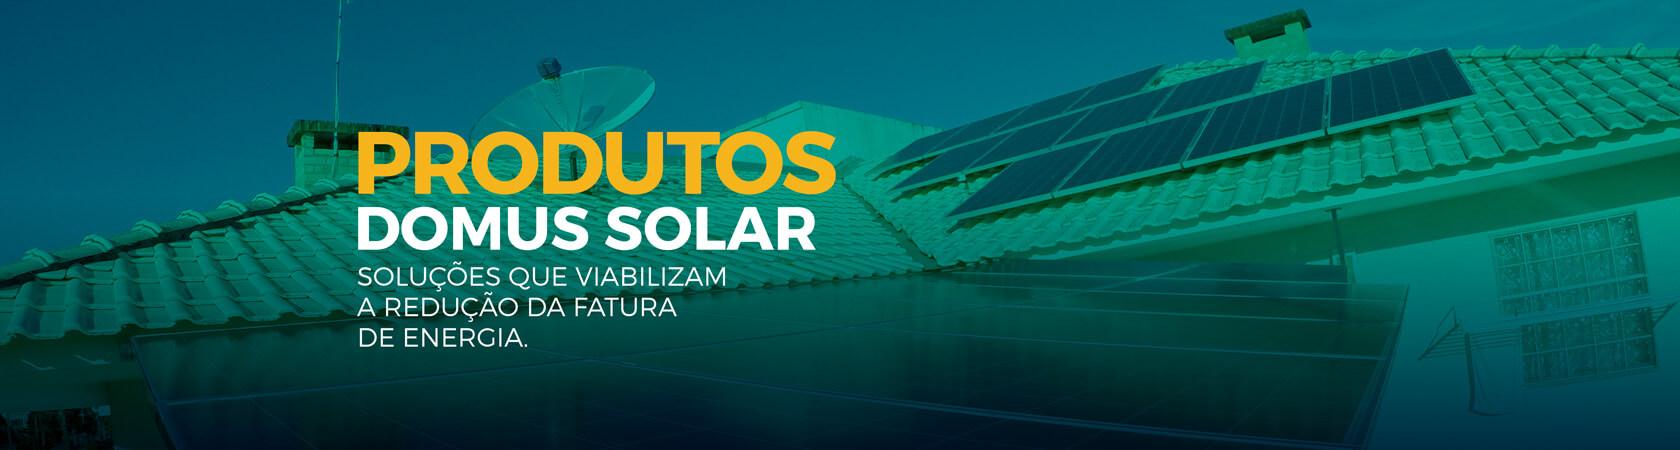 banner-domus-solar-produtos-3